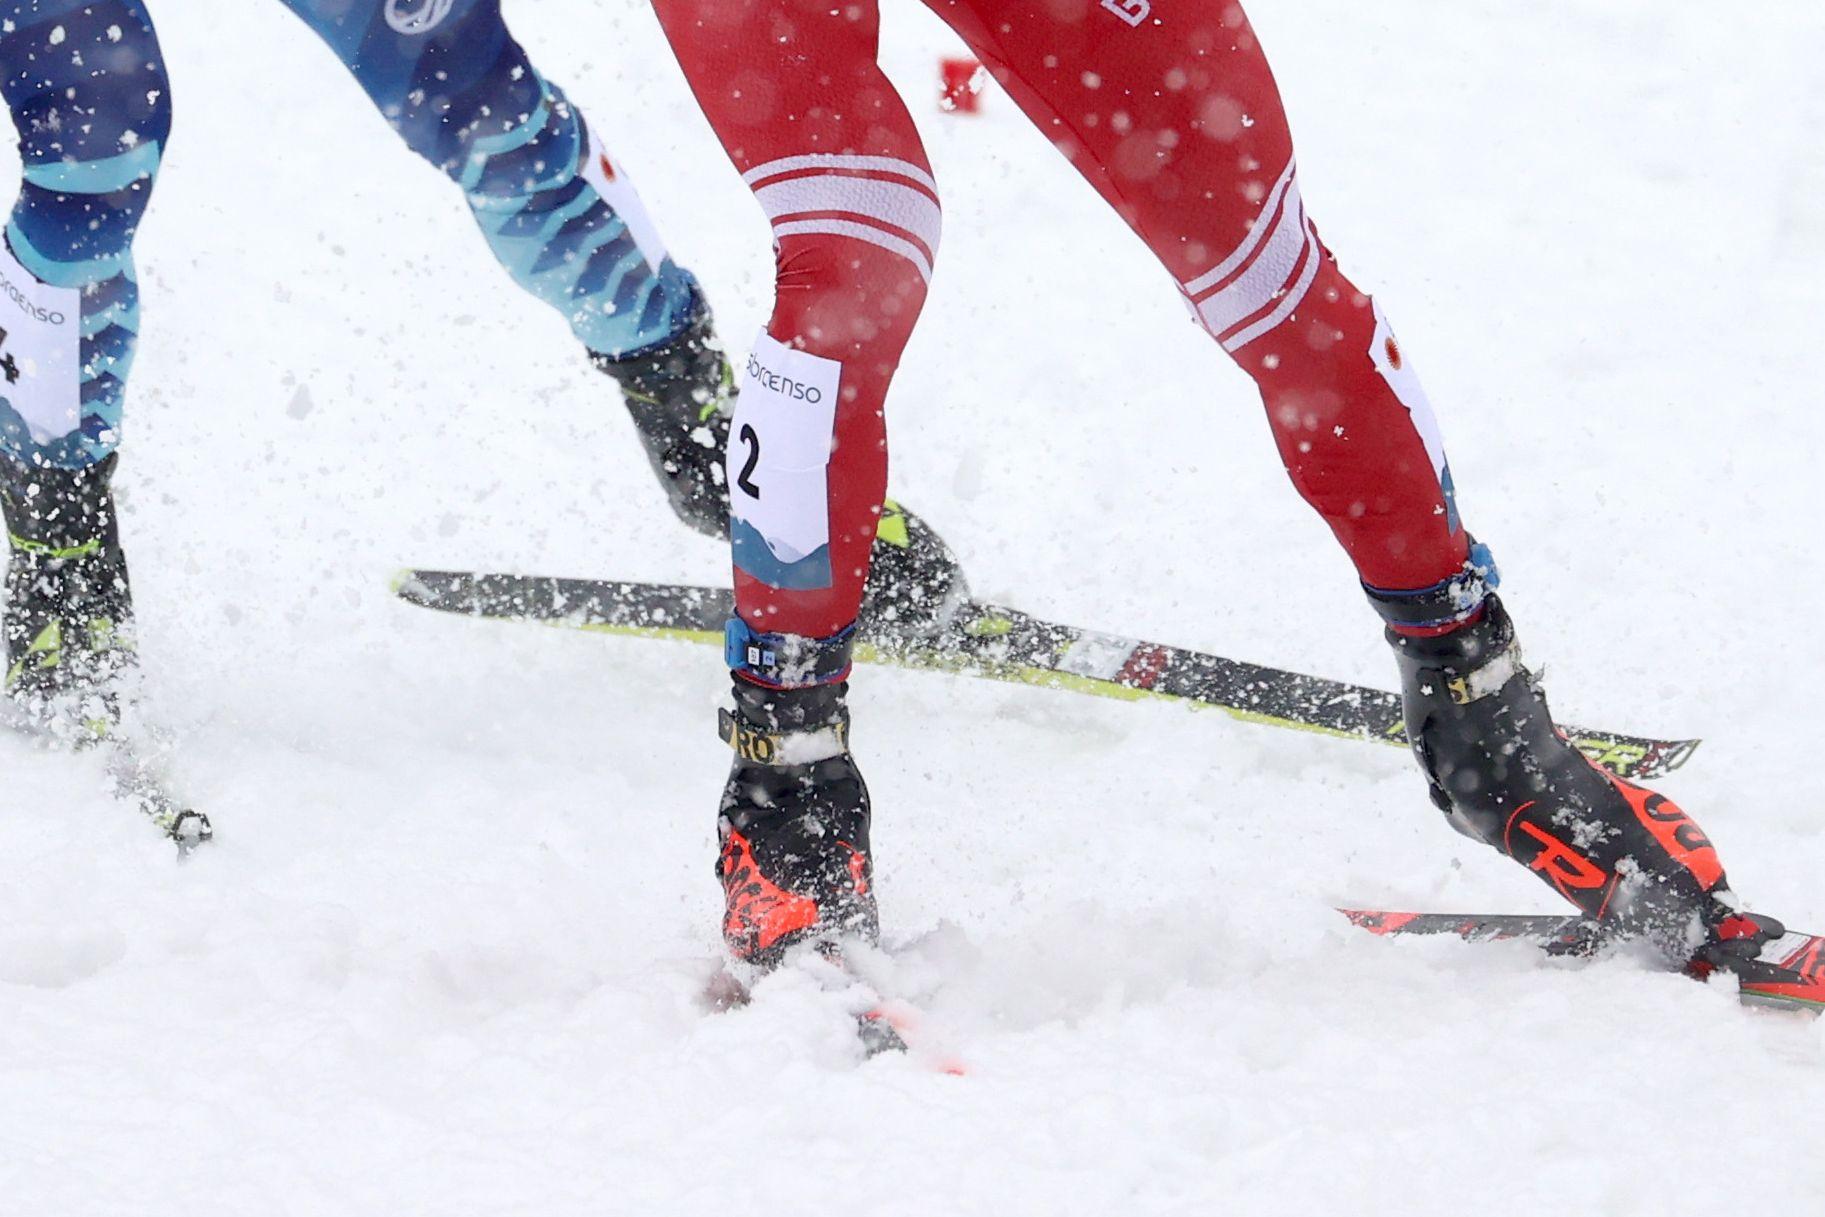 Российскую лыжницу обвинили в выходе на гонку ЧР в норвежской символике